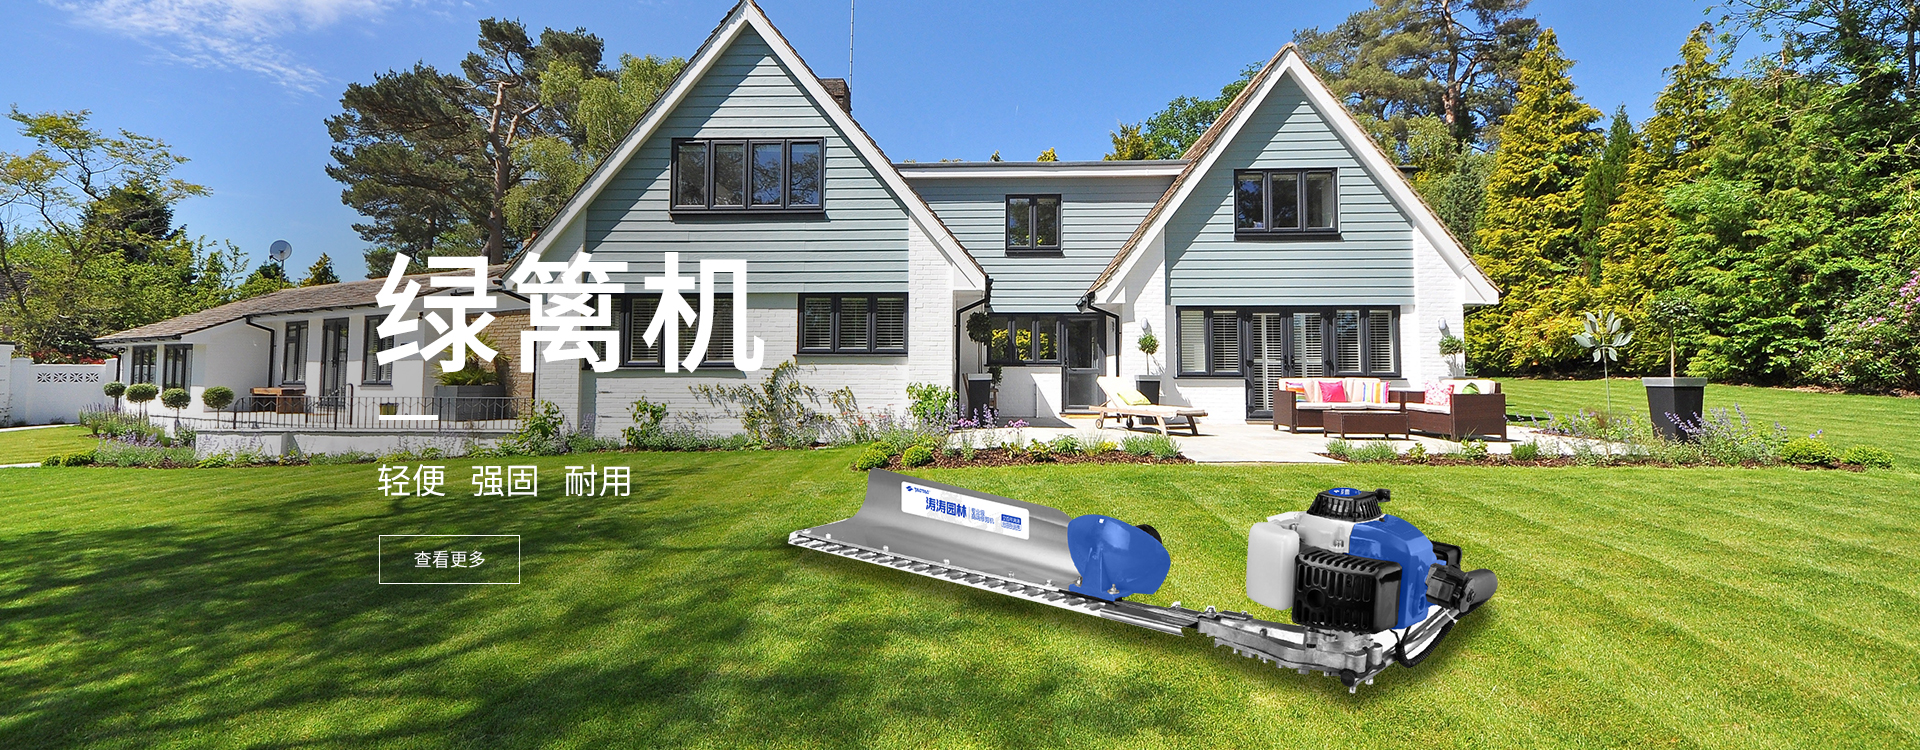 绿篱机中文.jpg